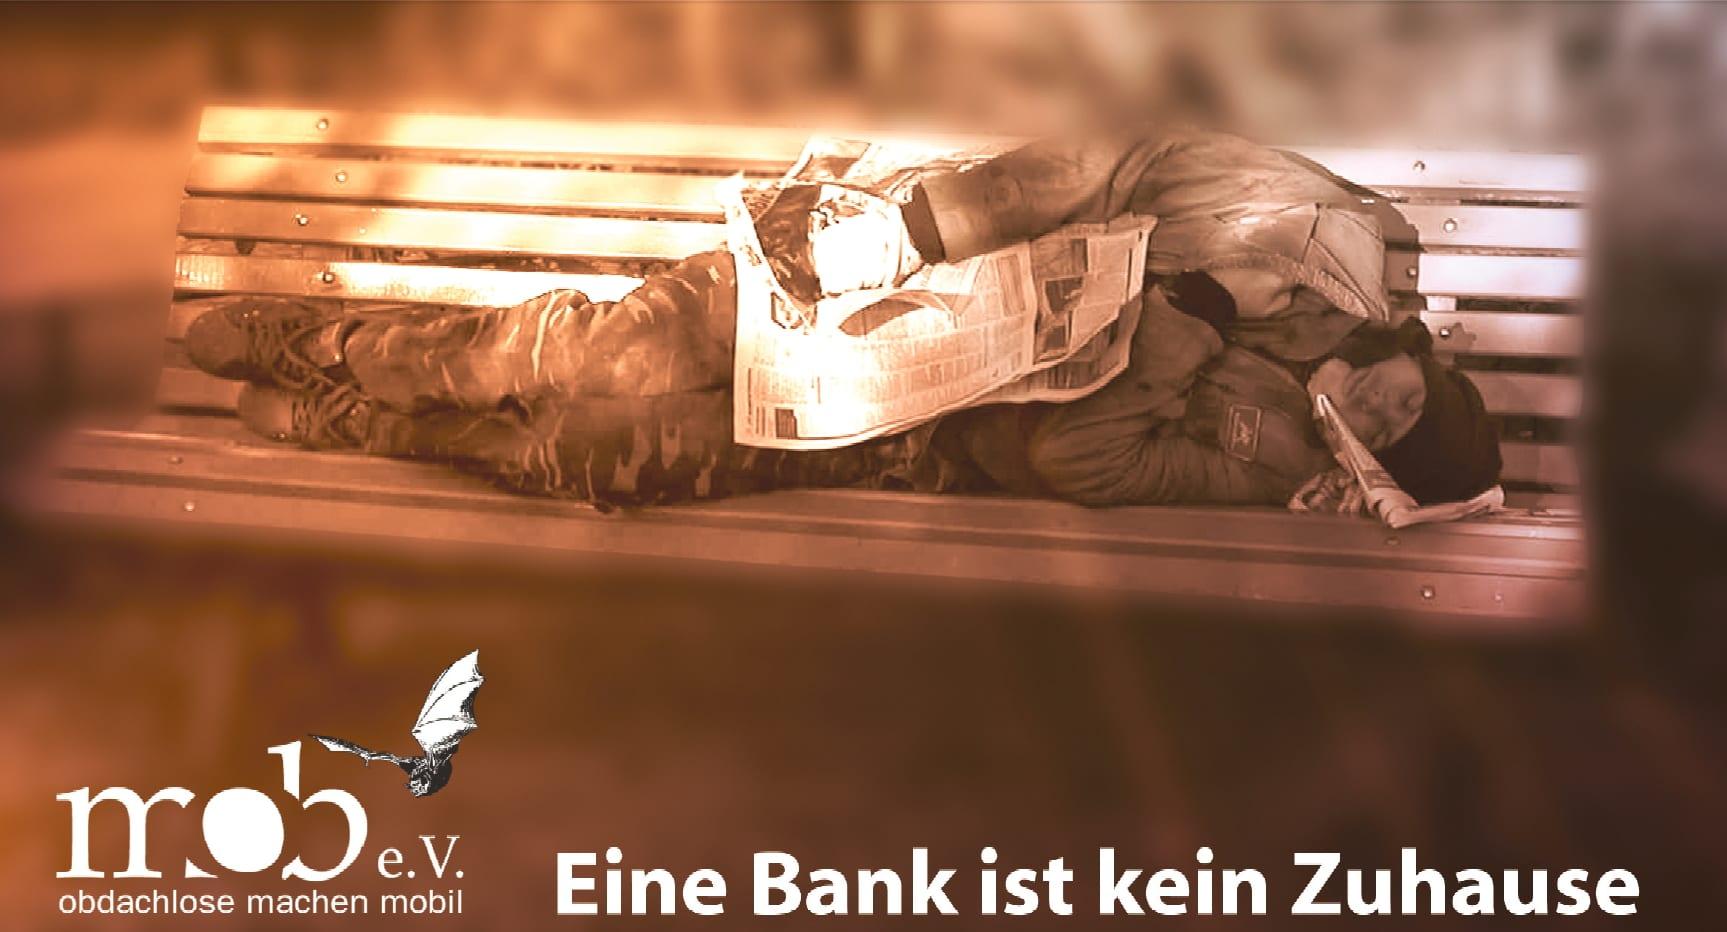 Eine Bank ist kein Zuhause - Aktion Dach über dem Kopf